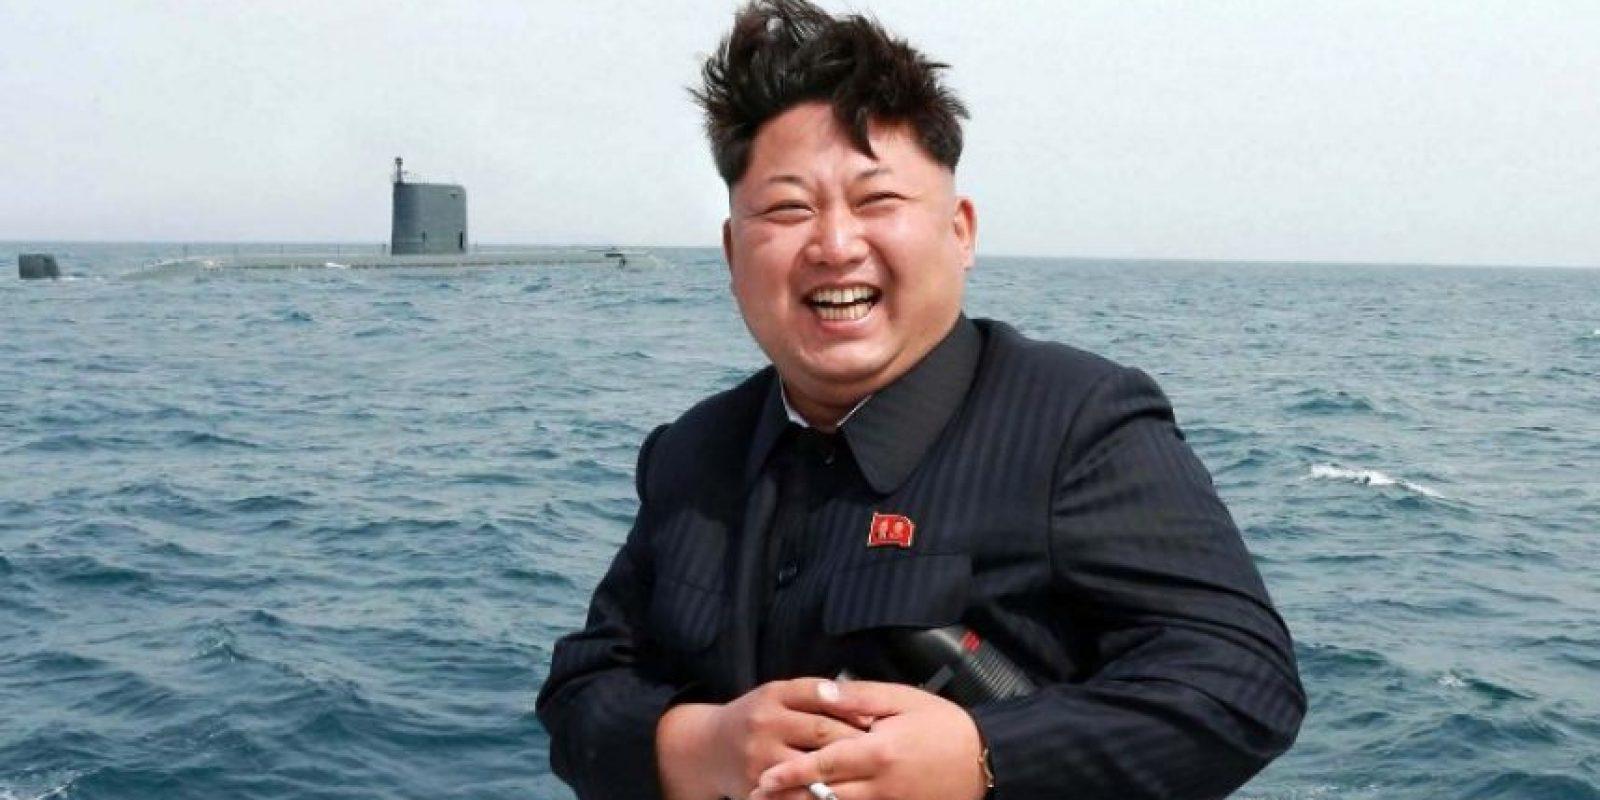 """4. Los """"misiles inteligentes"""" de Kim Jong-un. El pasado 15 de junio, Kim Jong-un volvió a desafiar a sus enemigos al disparar un antimisiles """"altamente inteligente"""", que puede dar en un objetivo a 120 kilómetros de distancia. Foto:AFP"""